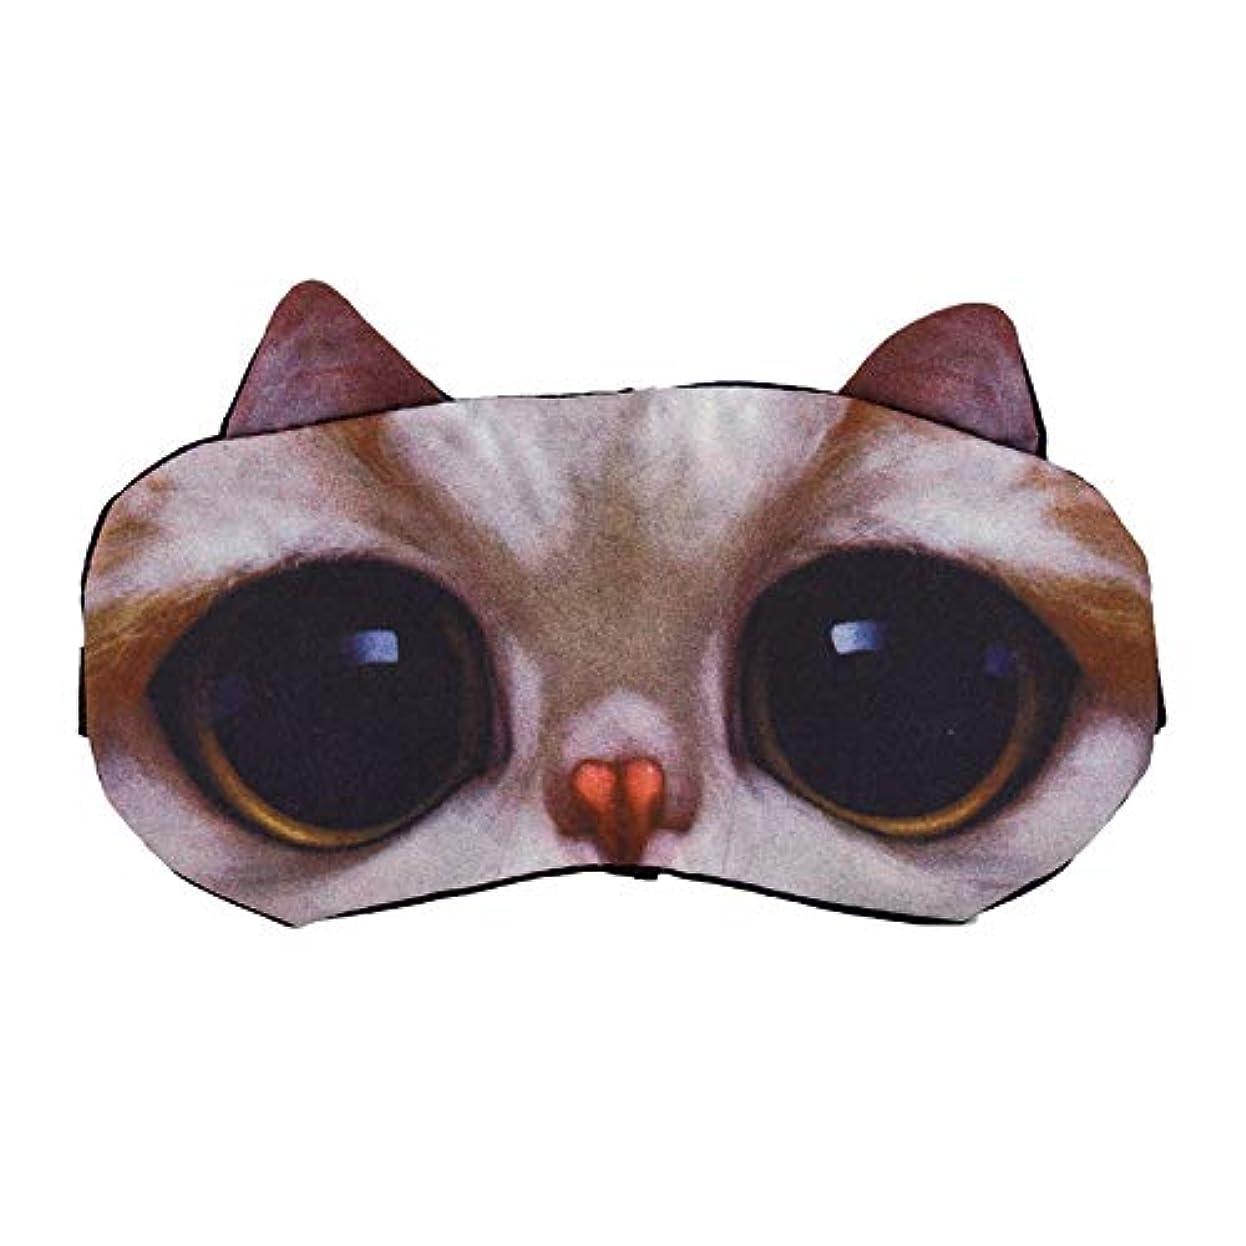 NOTE 3d漫画の動物のアイマスクかわいい旅行エイド睡眠残りシェード睡眠マスクカバーソフト睡眠マスク援助ナップシェードメイクアップアイケア